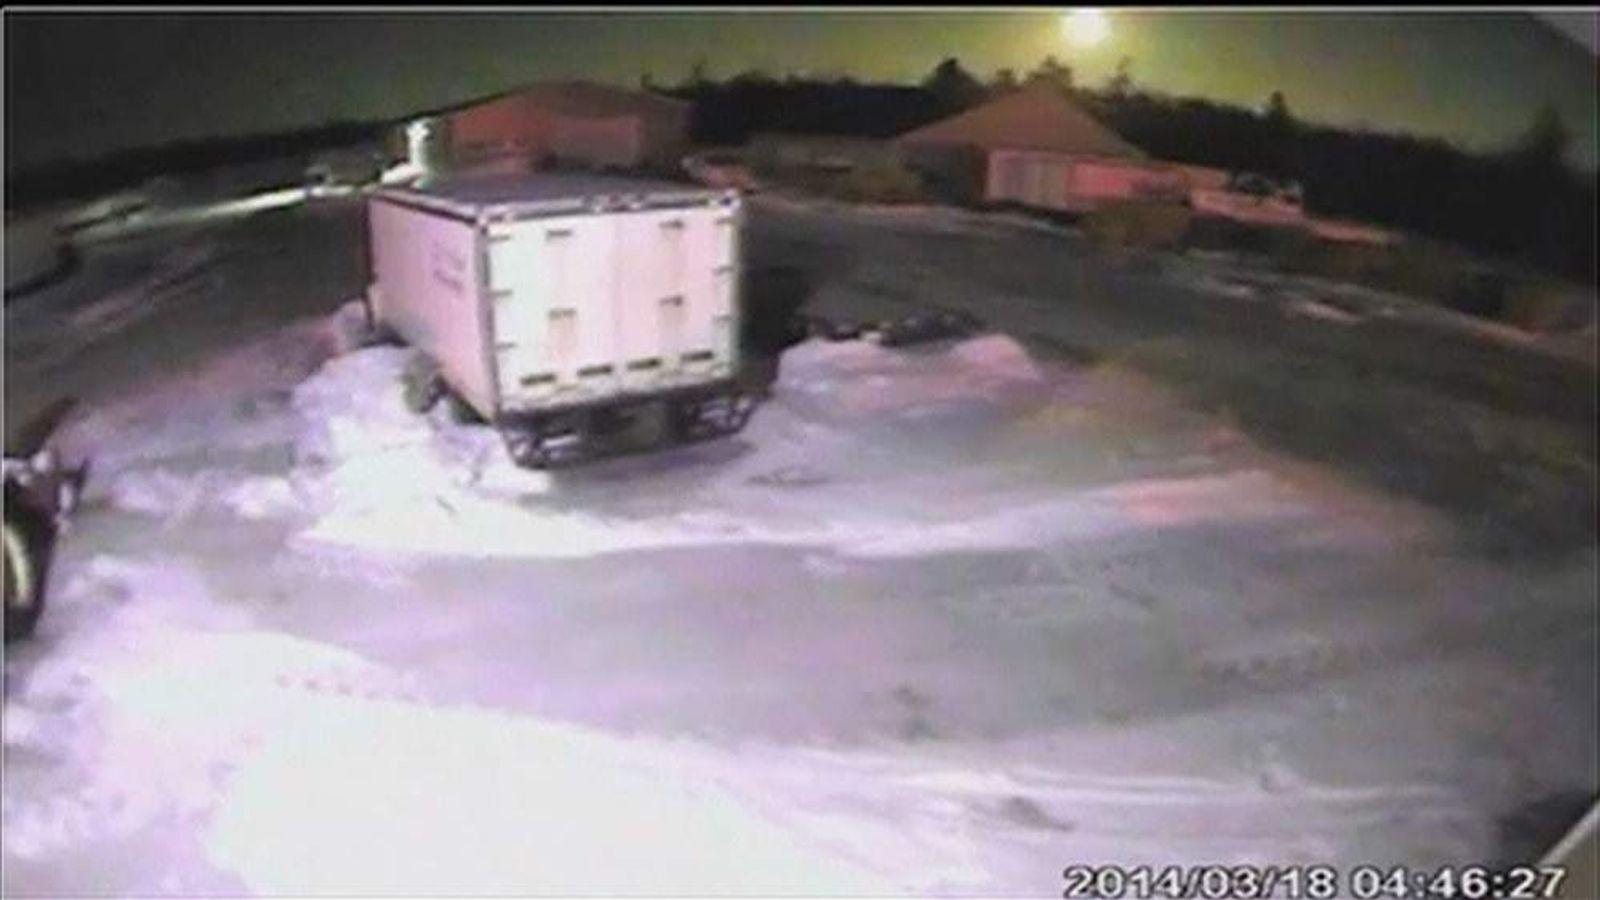 Meteor passes over Nova Scotia Pic: Nova Scotia Webcams